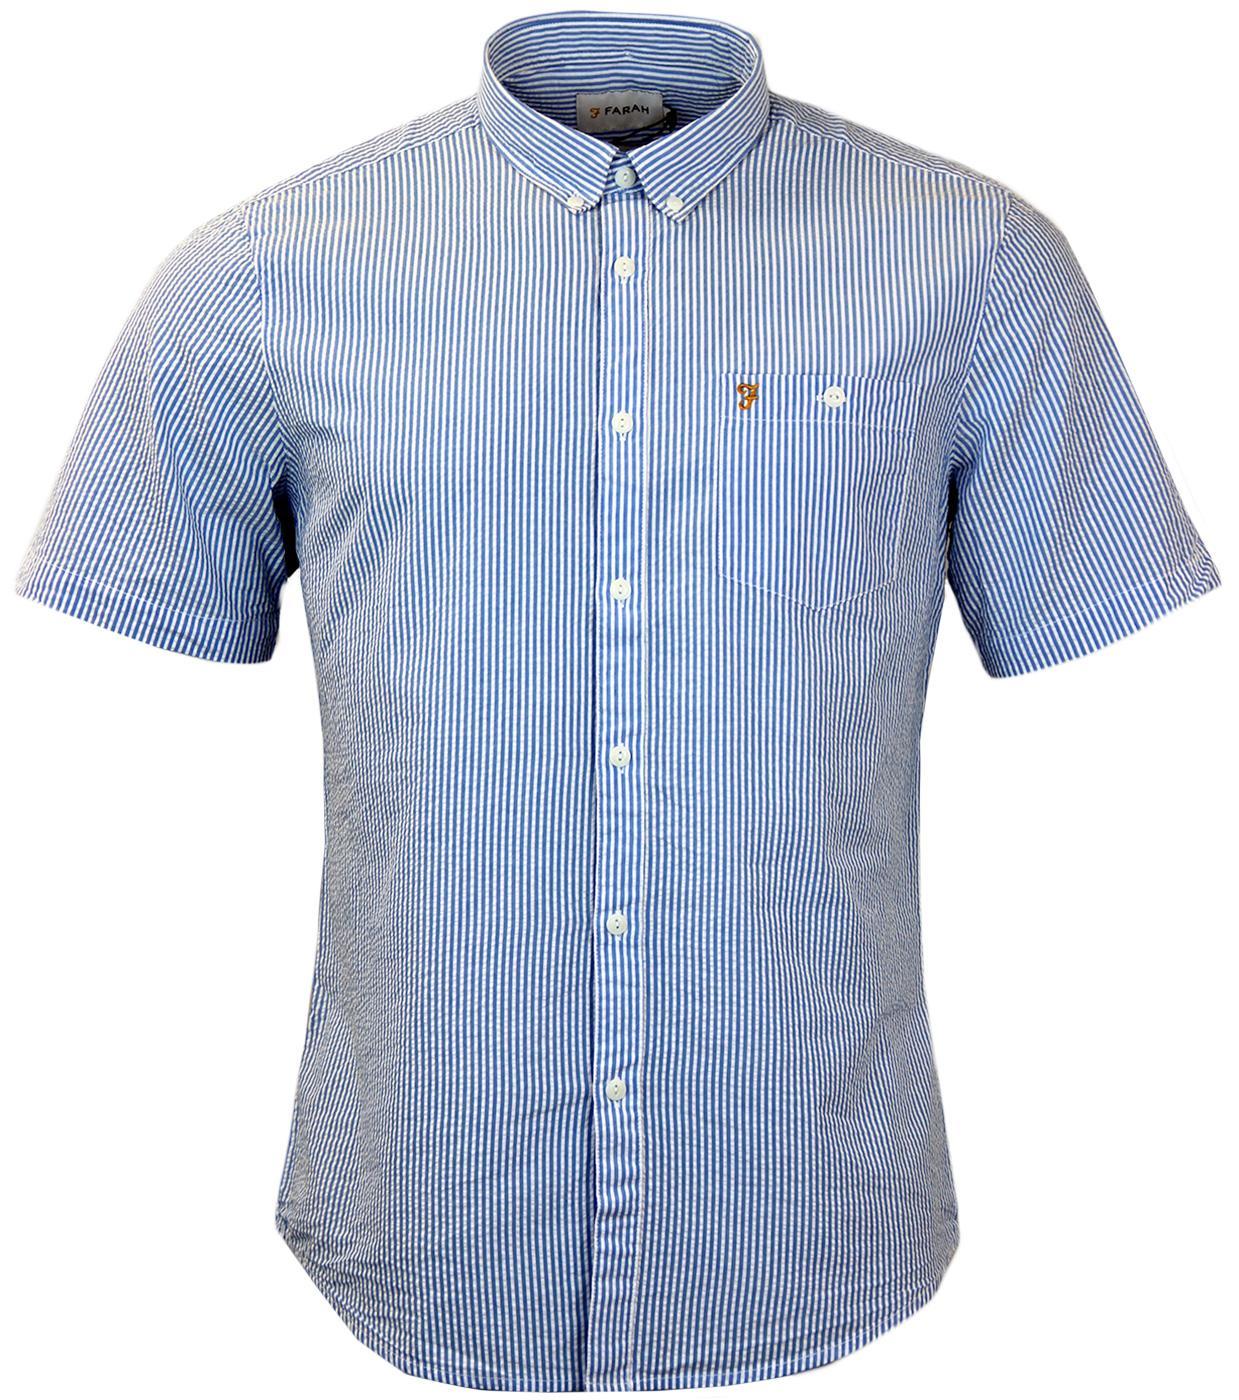 Sloane FARAH Retro Mod Button Down Stripe Shirt